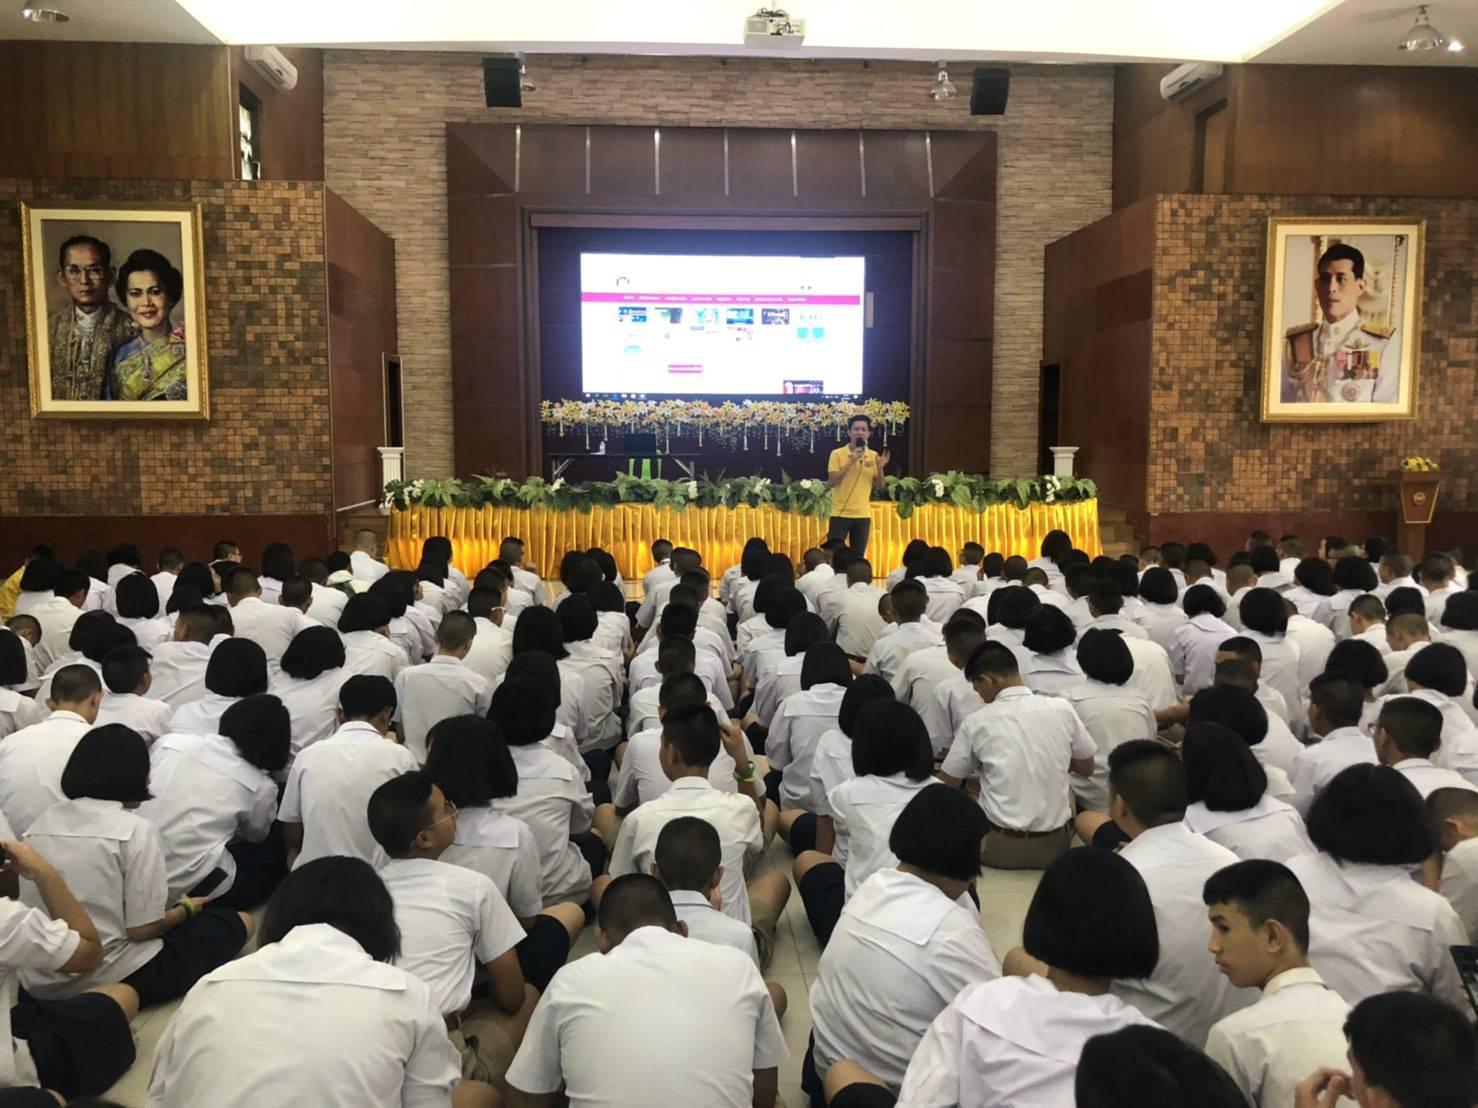 แนะแนวอาชีพและทดสอบบุคลิกภาพเพื่อการศึกษาต่อและเลือกอาชีพ ณ โรงเรียนเทพศิรินทร์ นนทบุรี